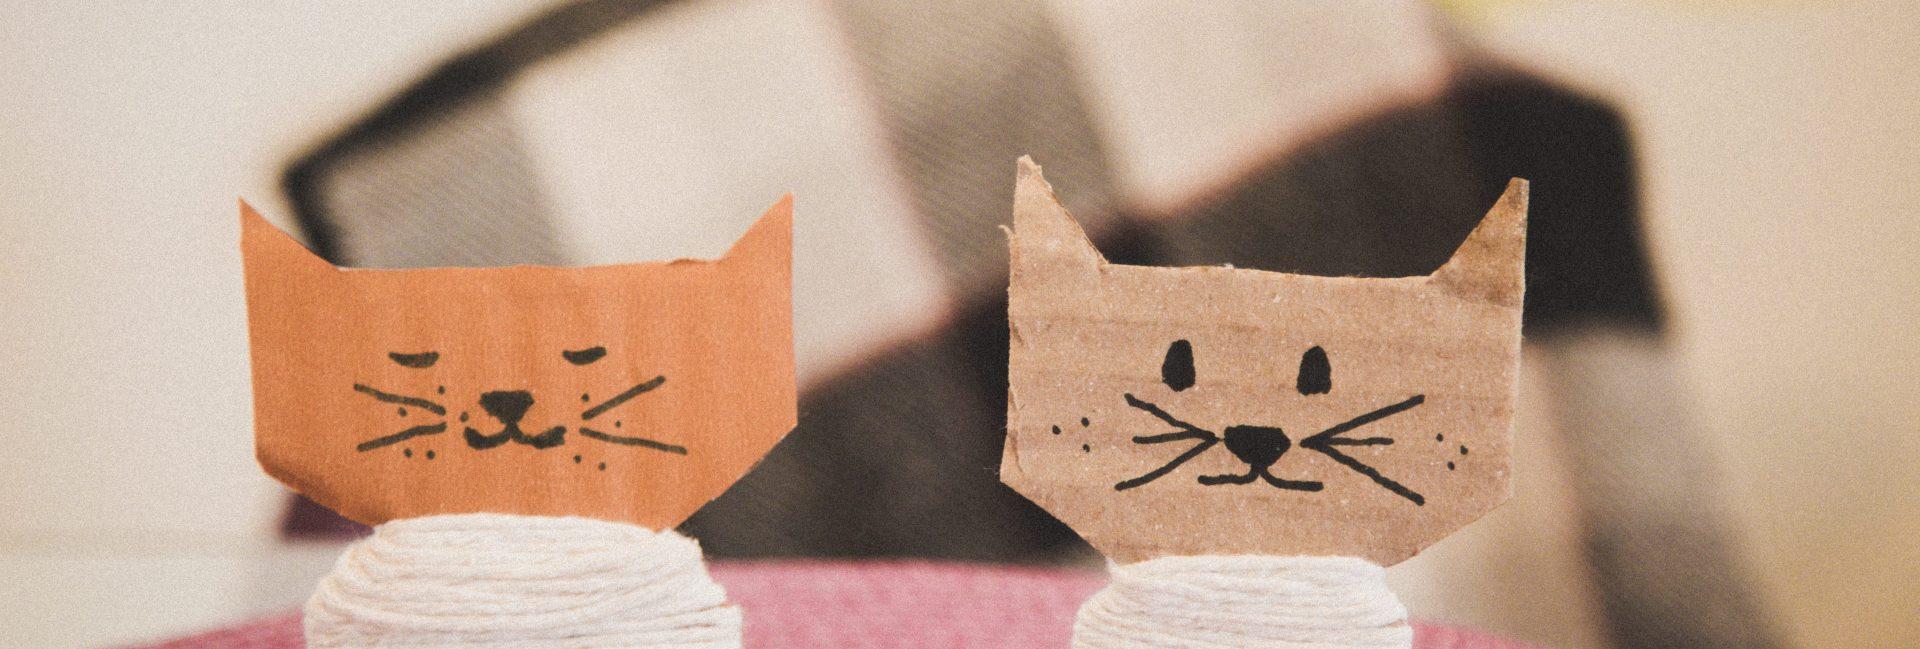 gatinhos de papelão